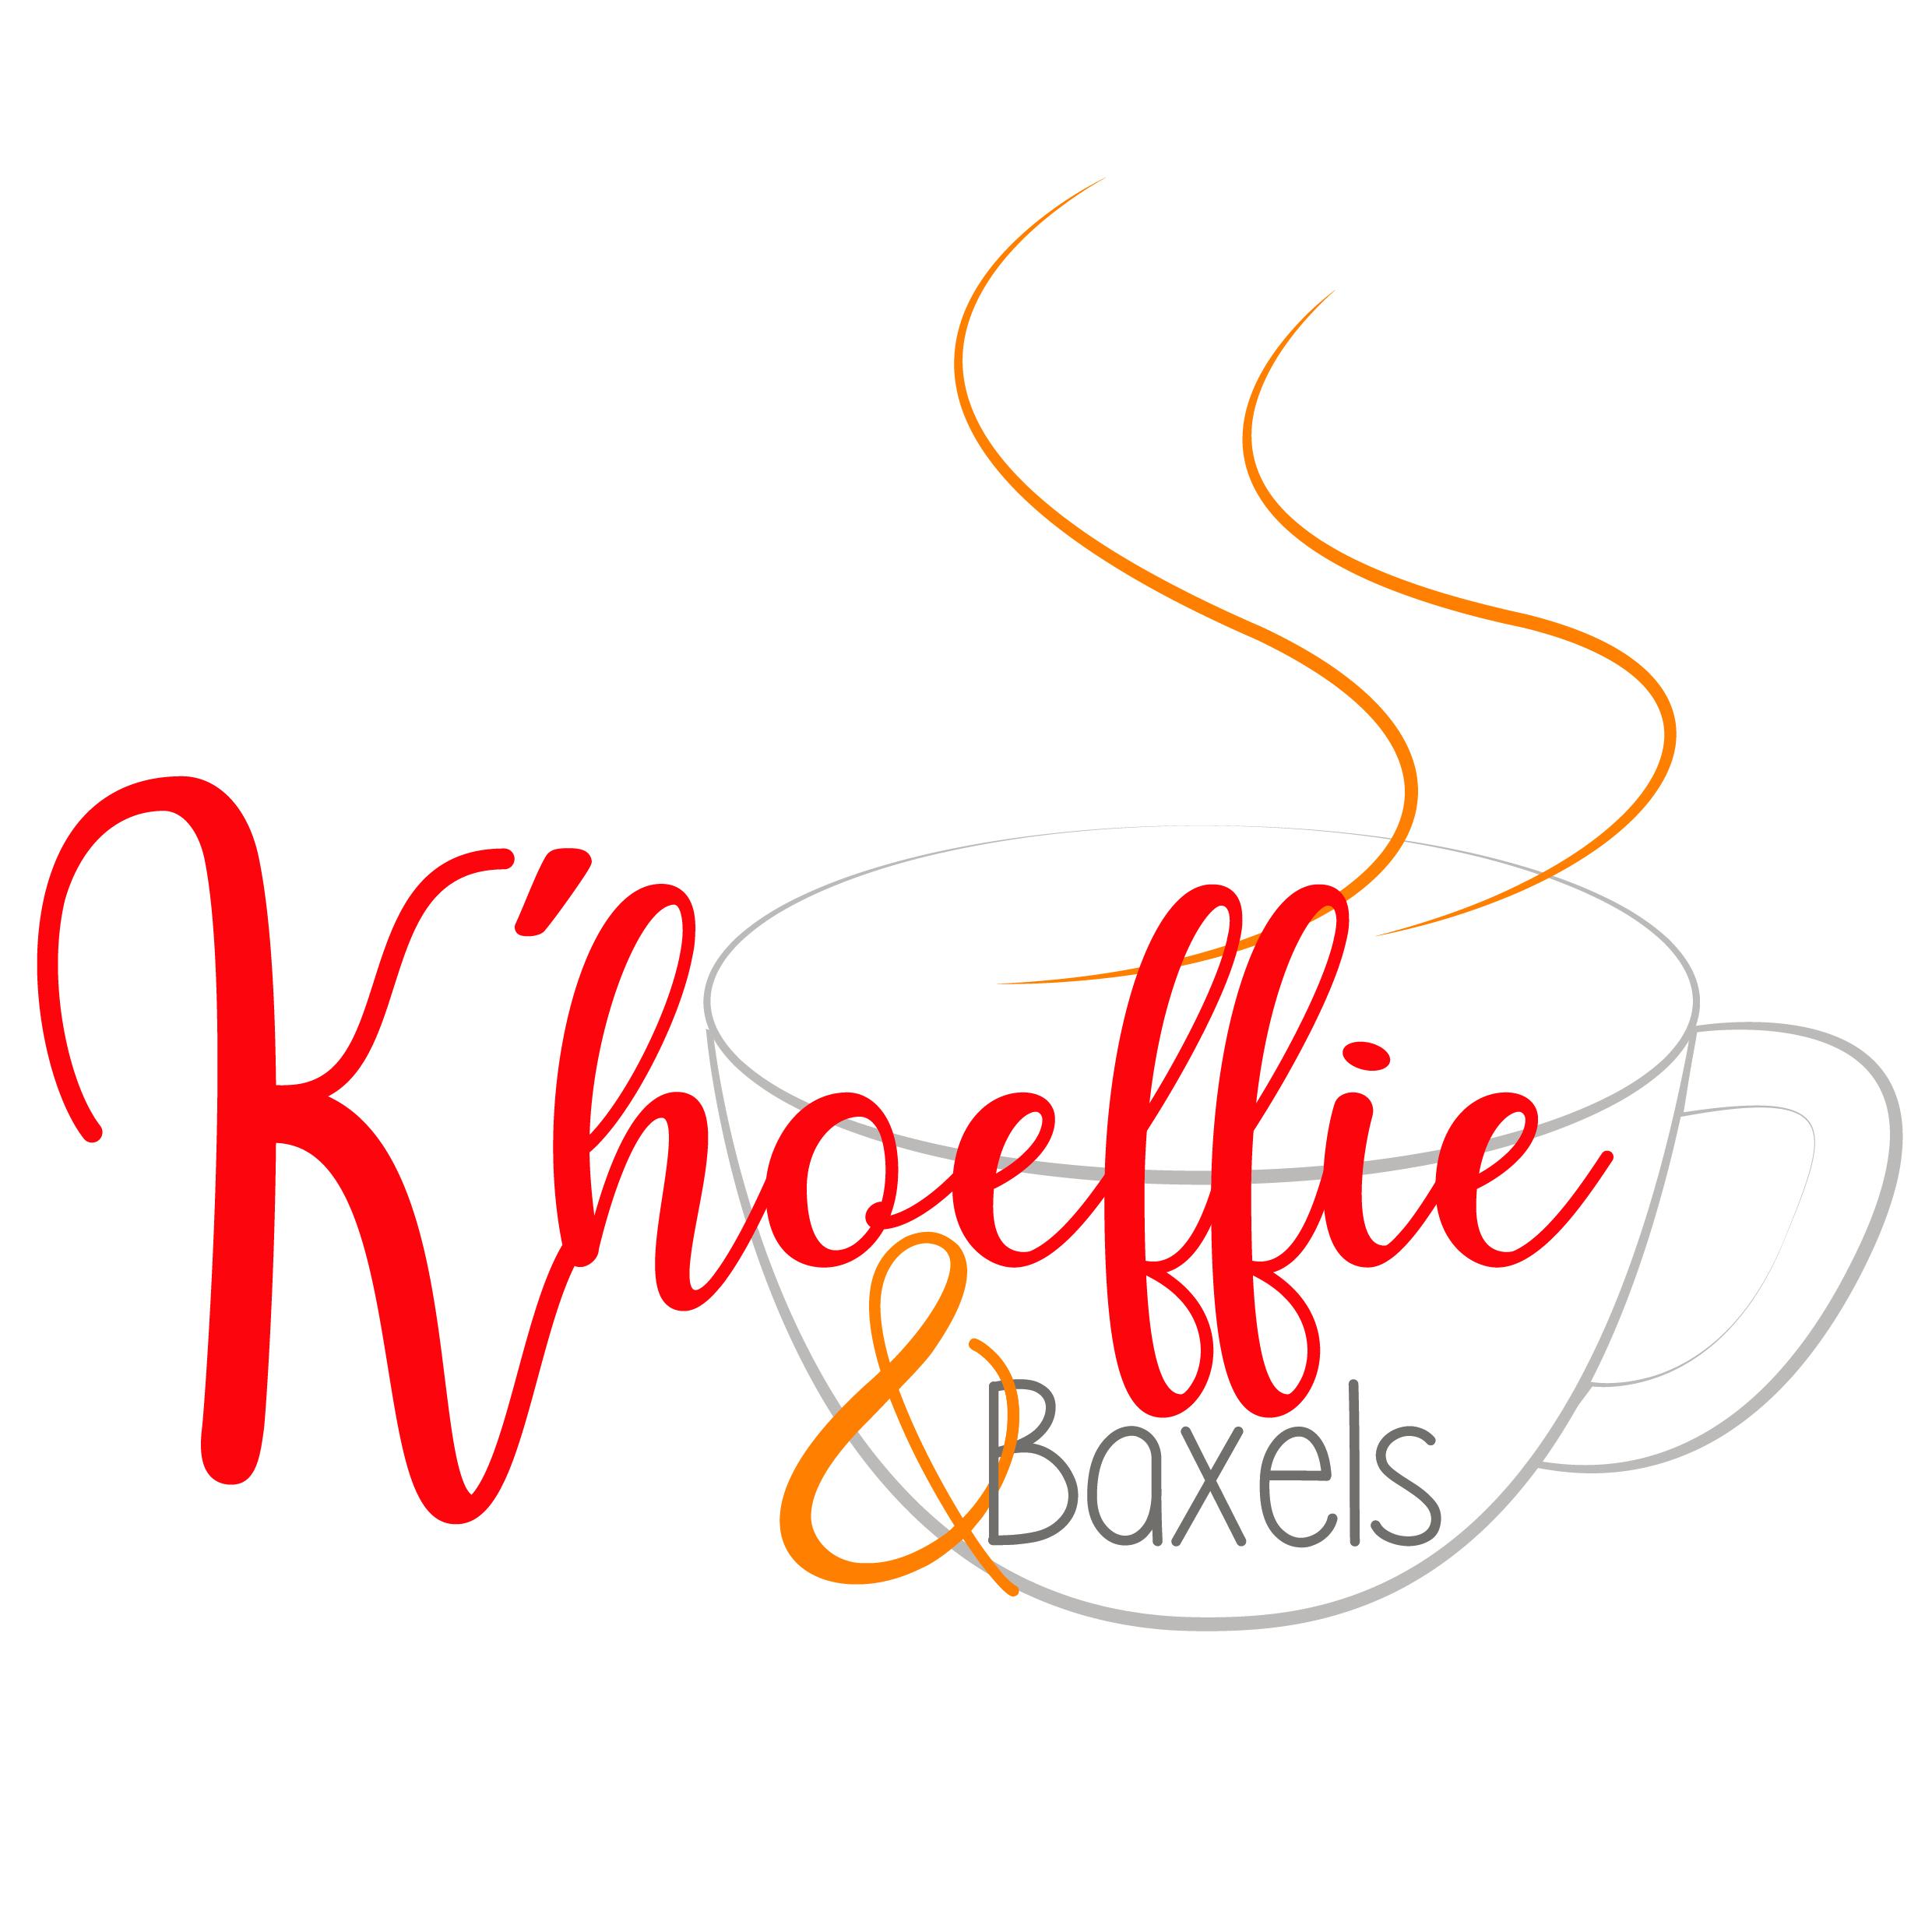 Khoeffie & Baxels